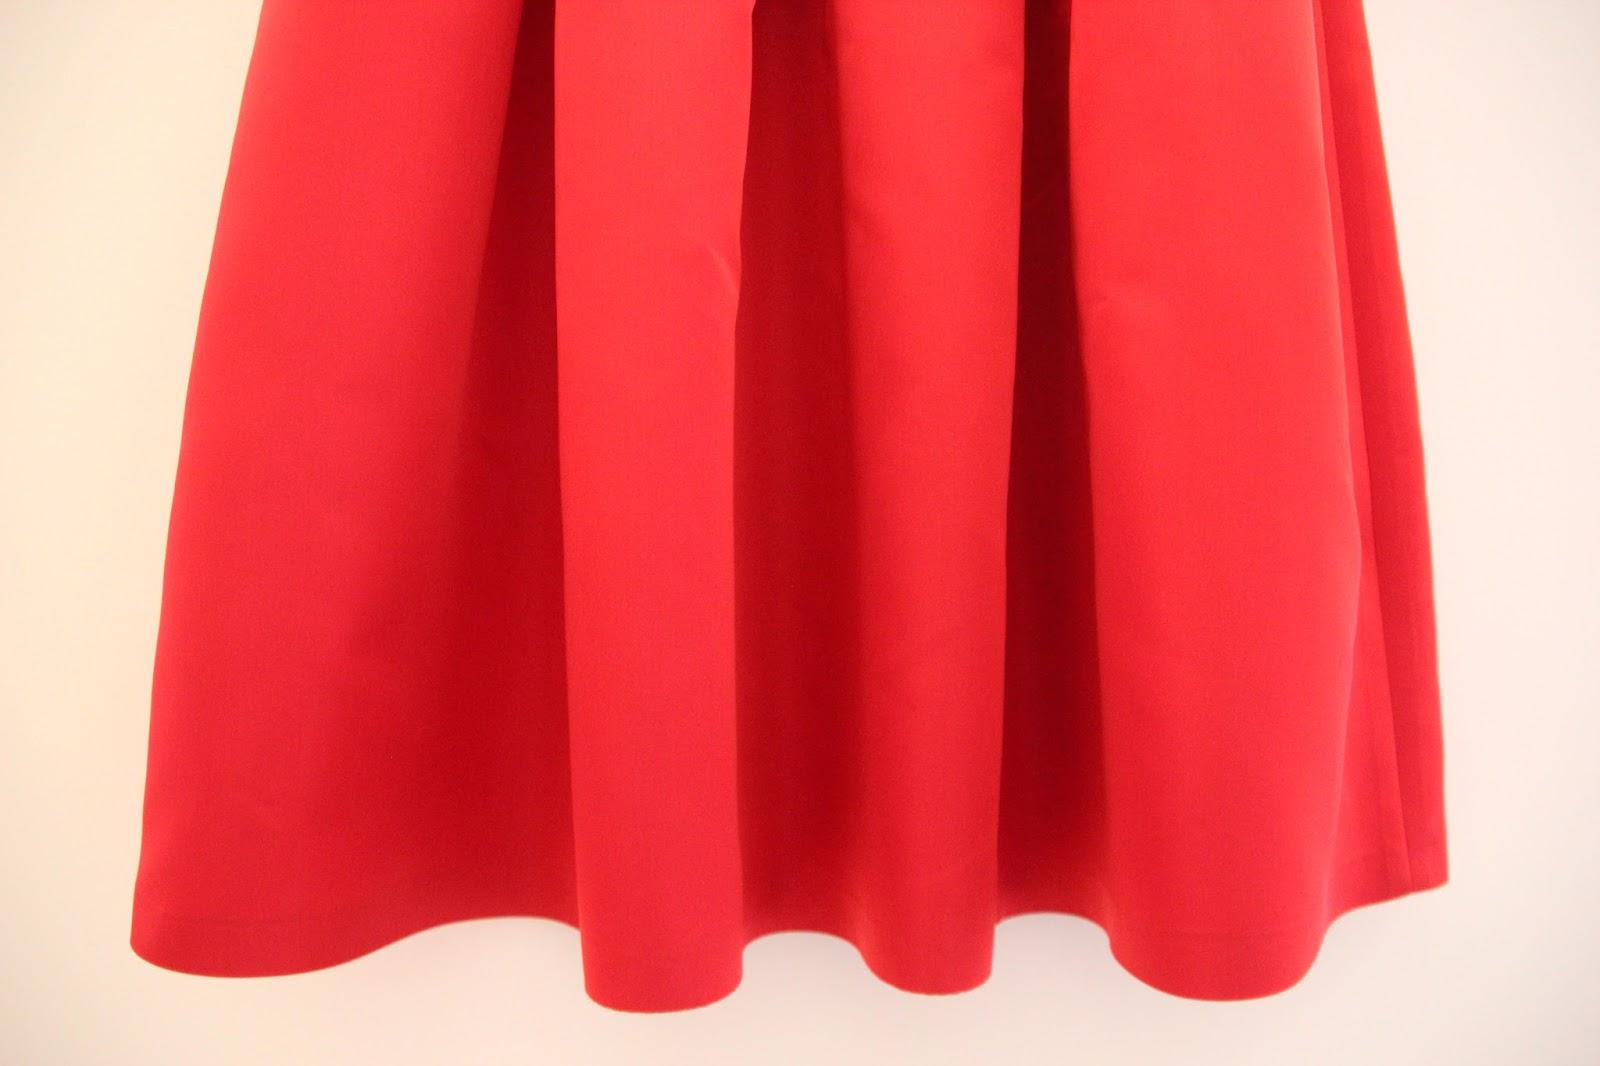 Hacer Valentino Falda Midi Costura Tutoriales Como Patrones Blog Diy wCY4Tqa c209f2a141ae